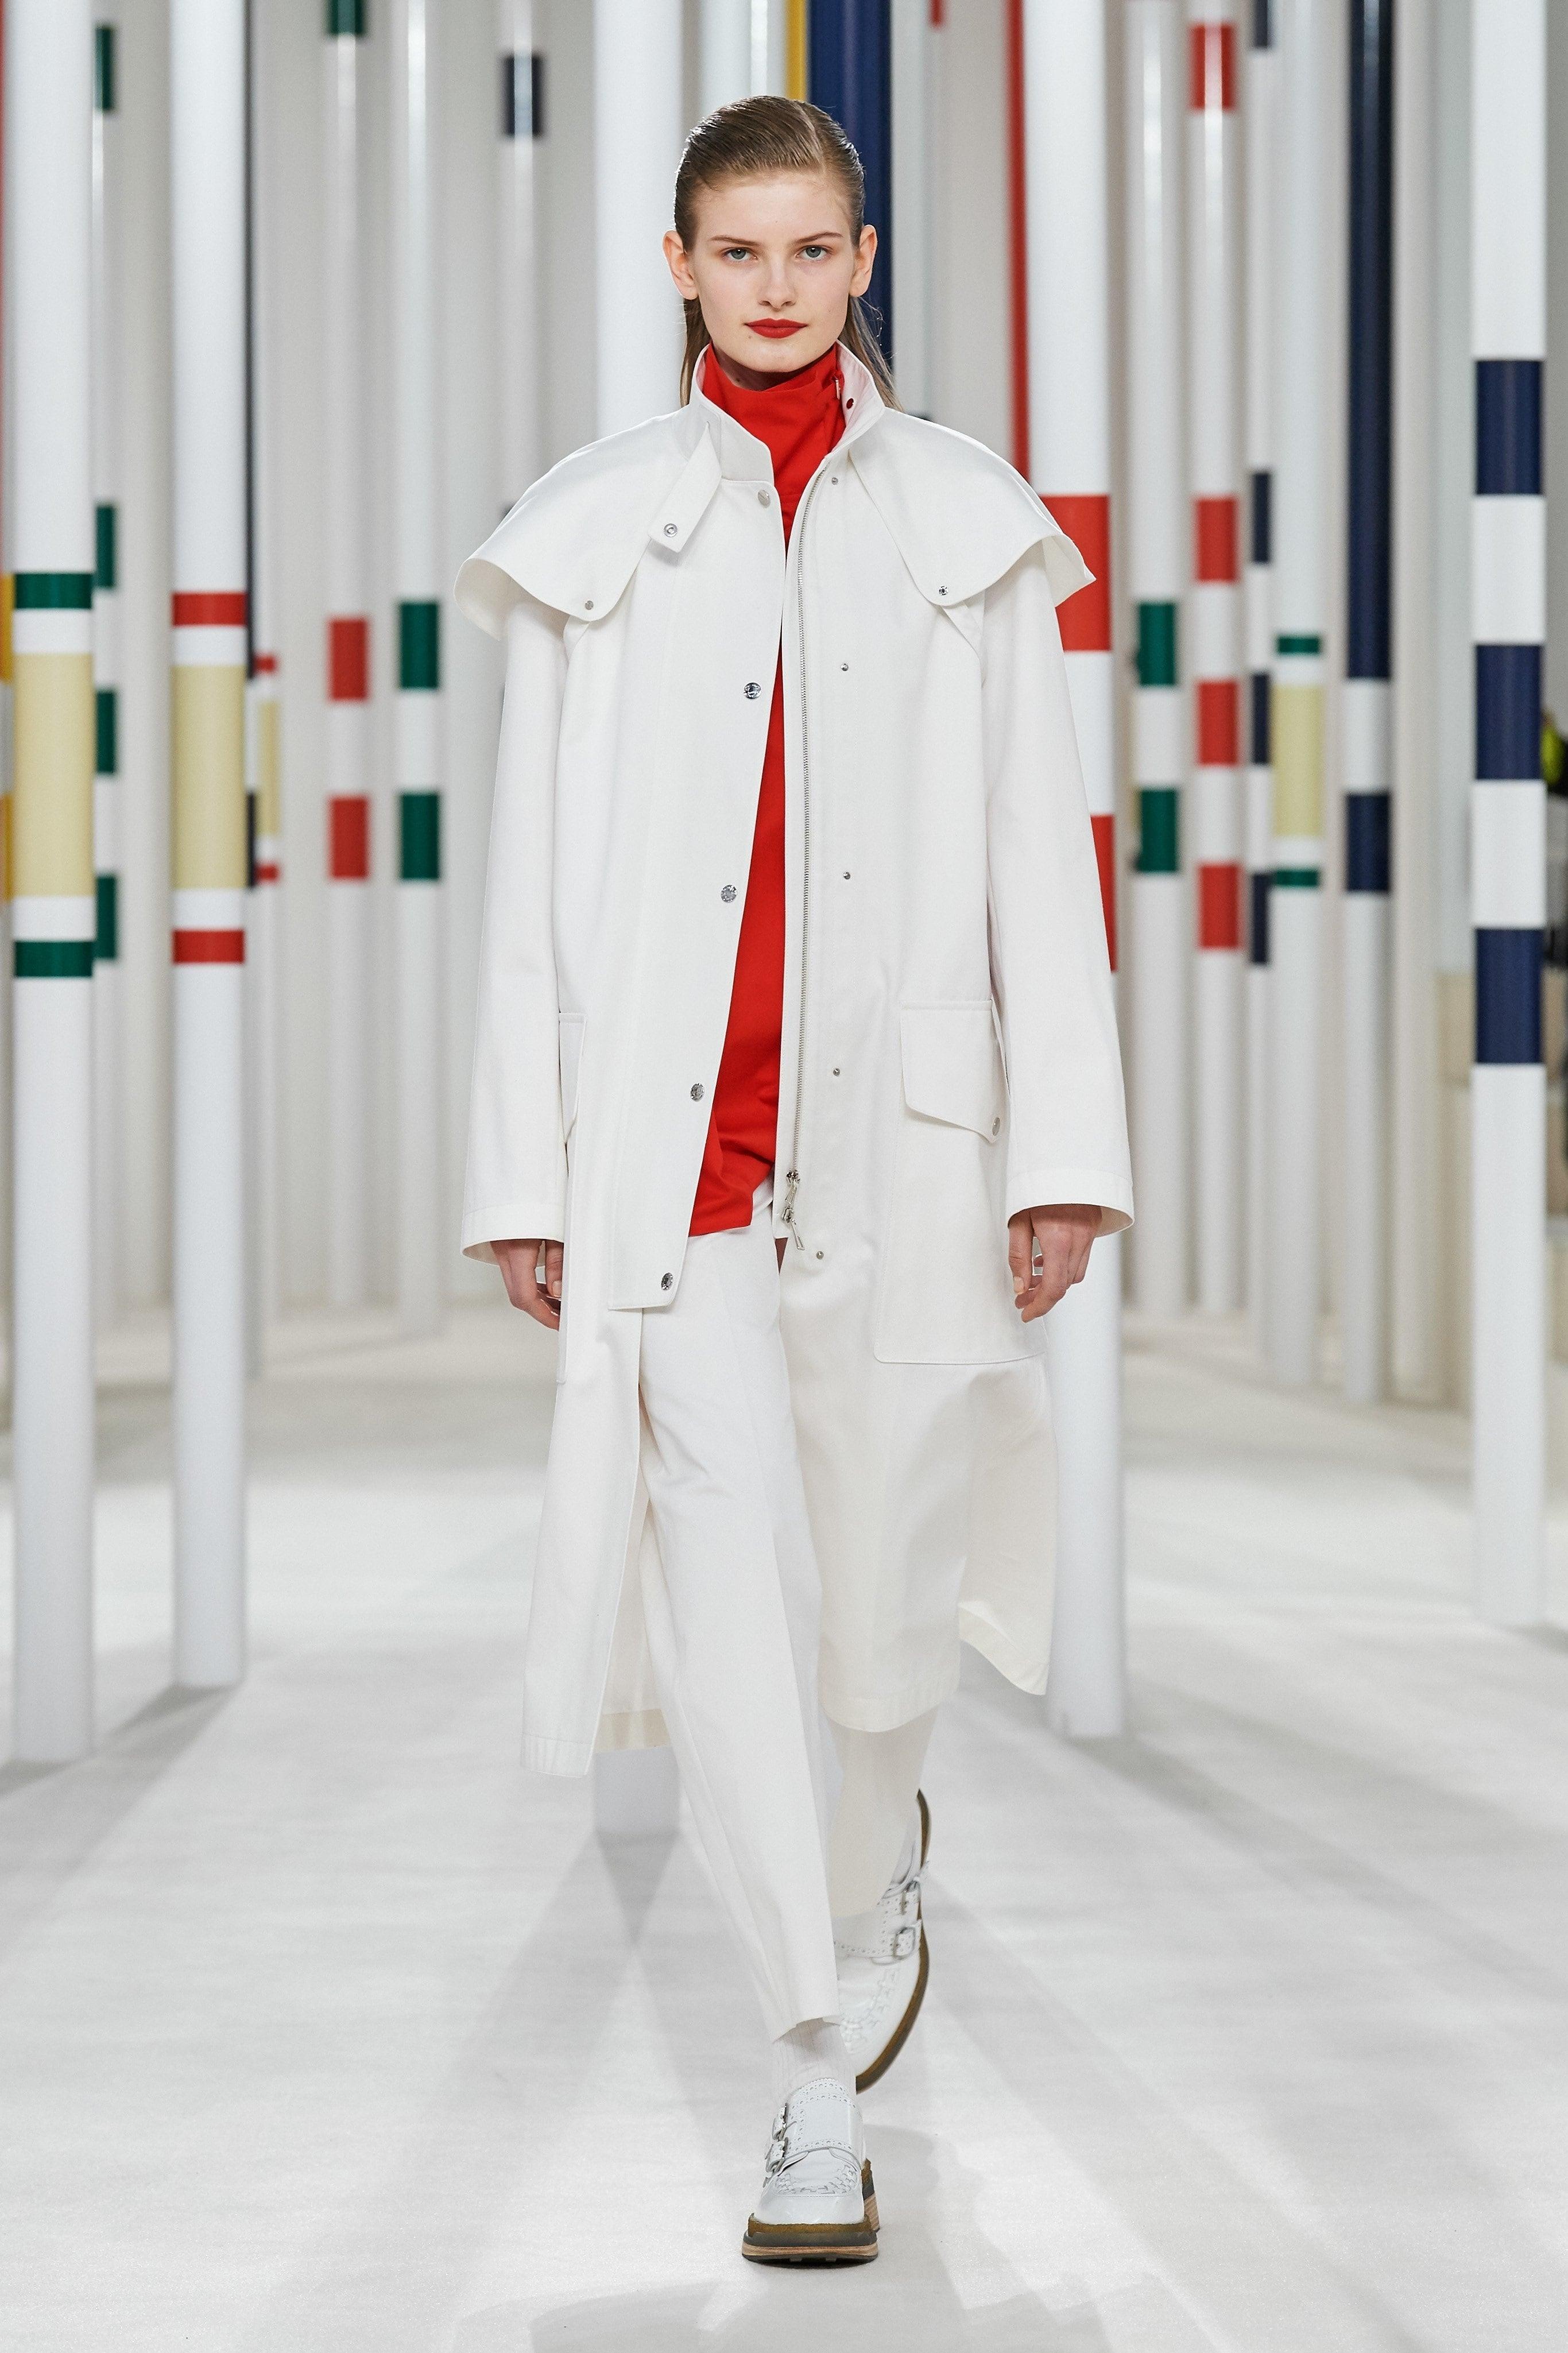 Người mẫu đội đầu thú lên trình diễn thời trang tại Paris Fashion Week - 5